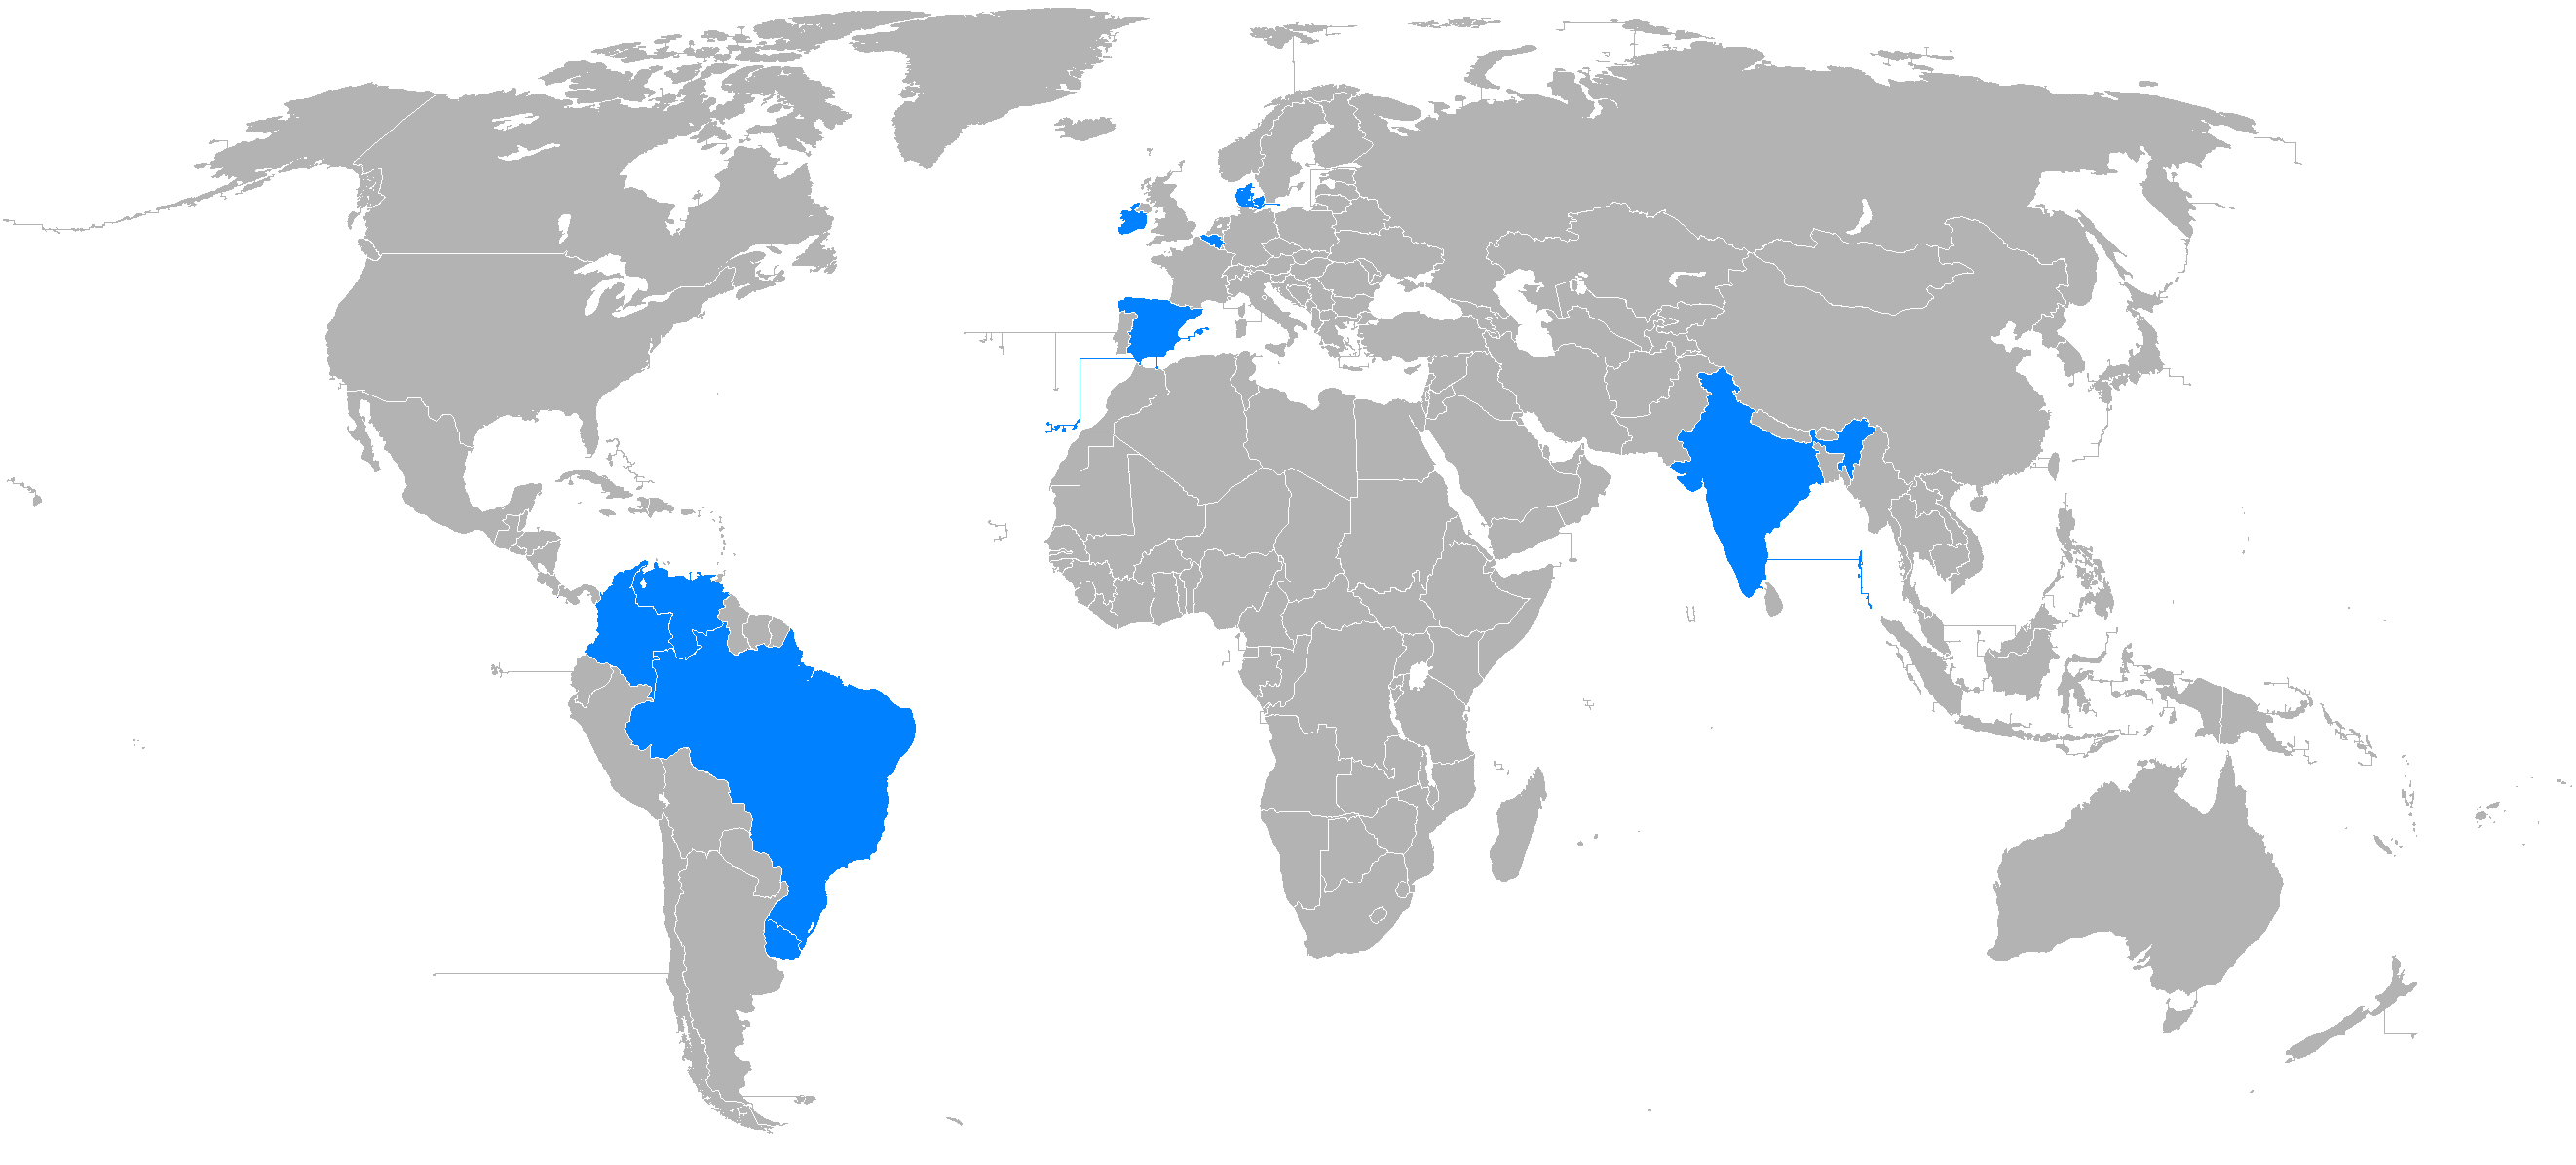 File:Mister Mundo Mapa.PNG.